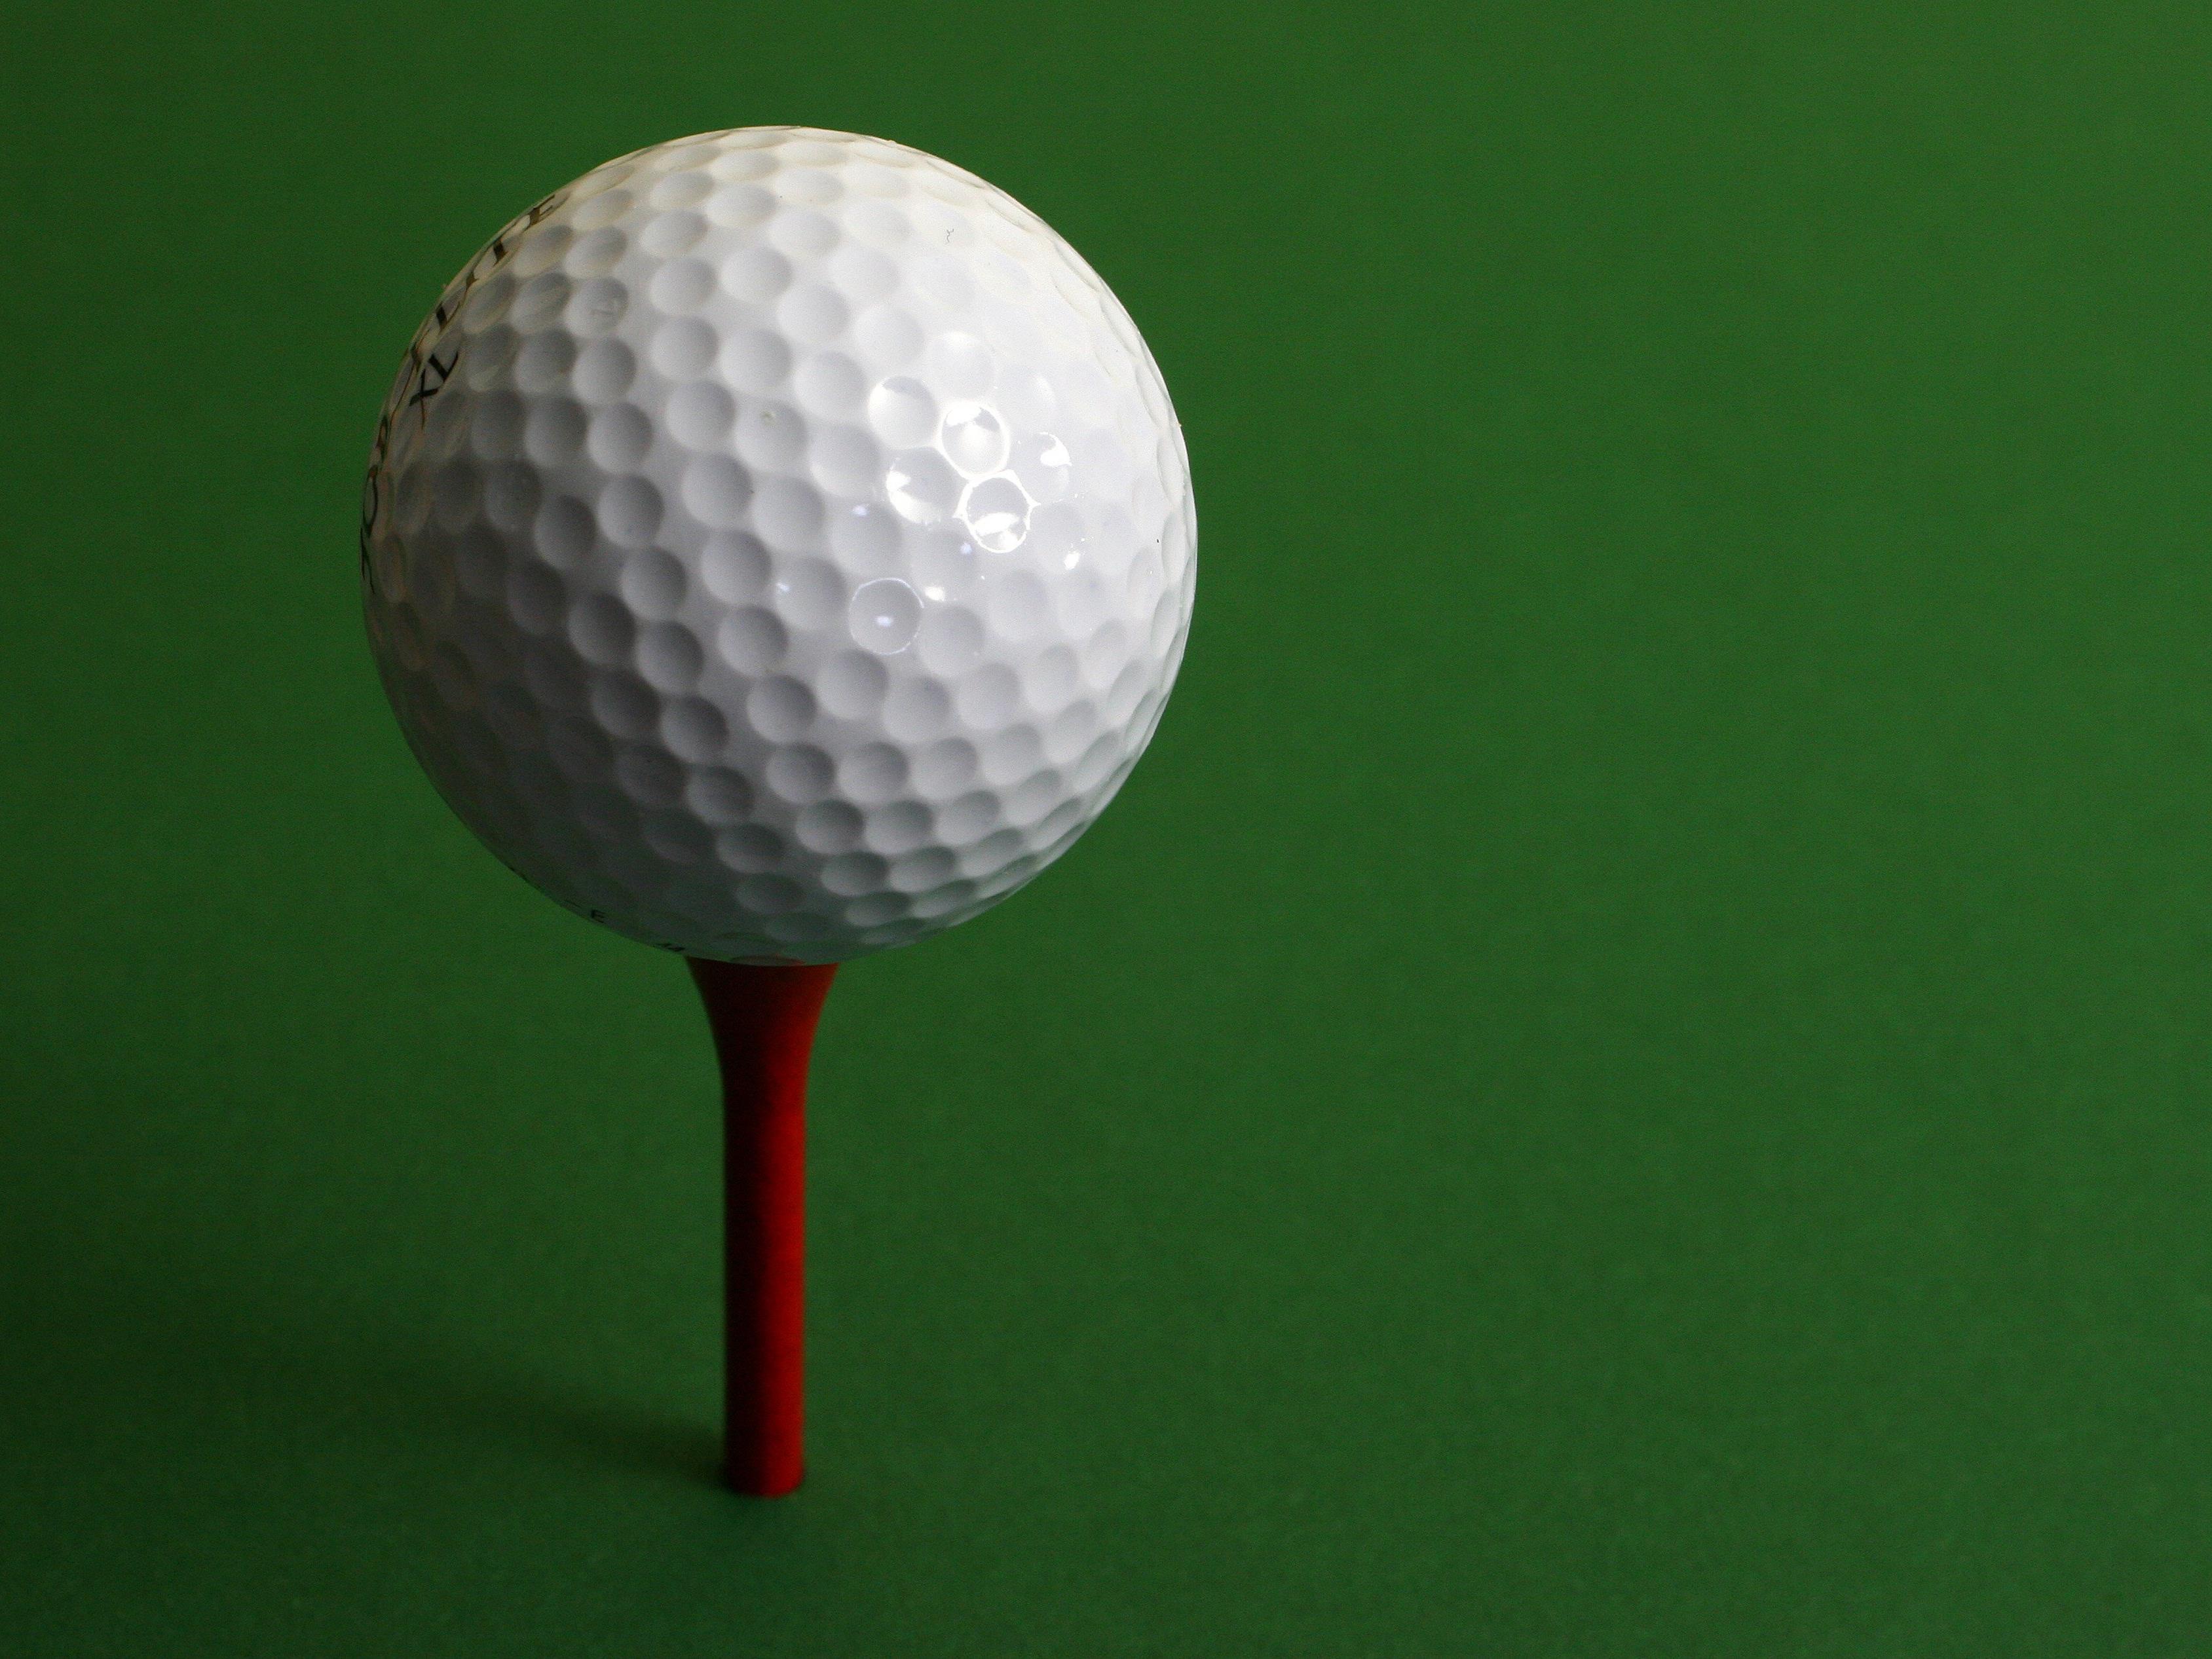 So kennen wir ihn - von innen sieht ein Golfball eher unheimlich aus.